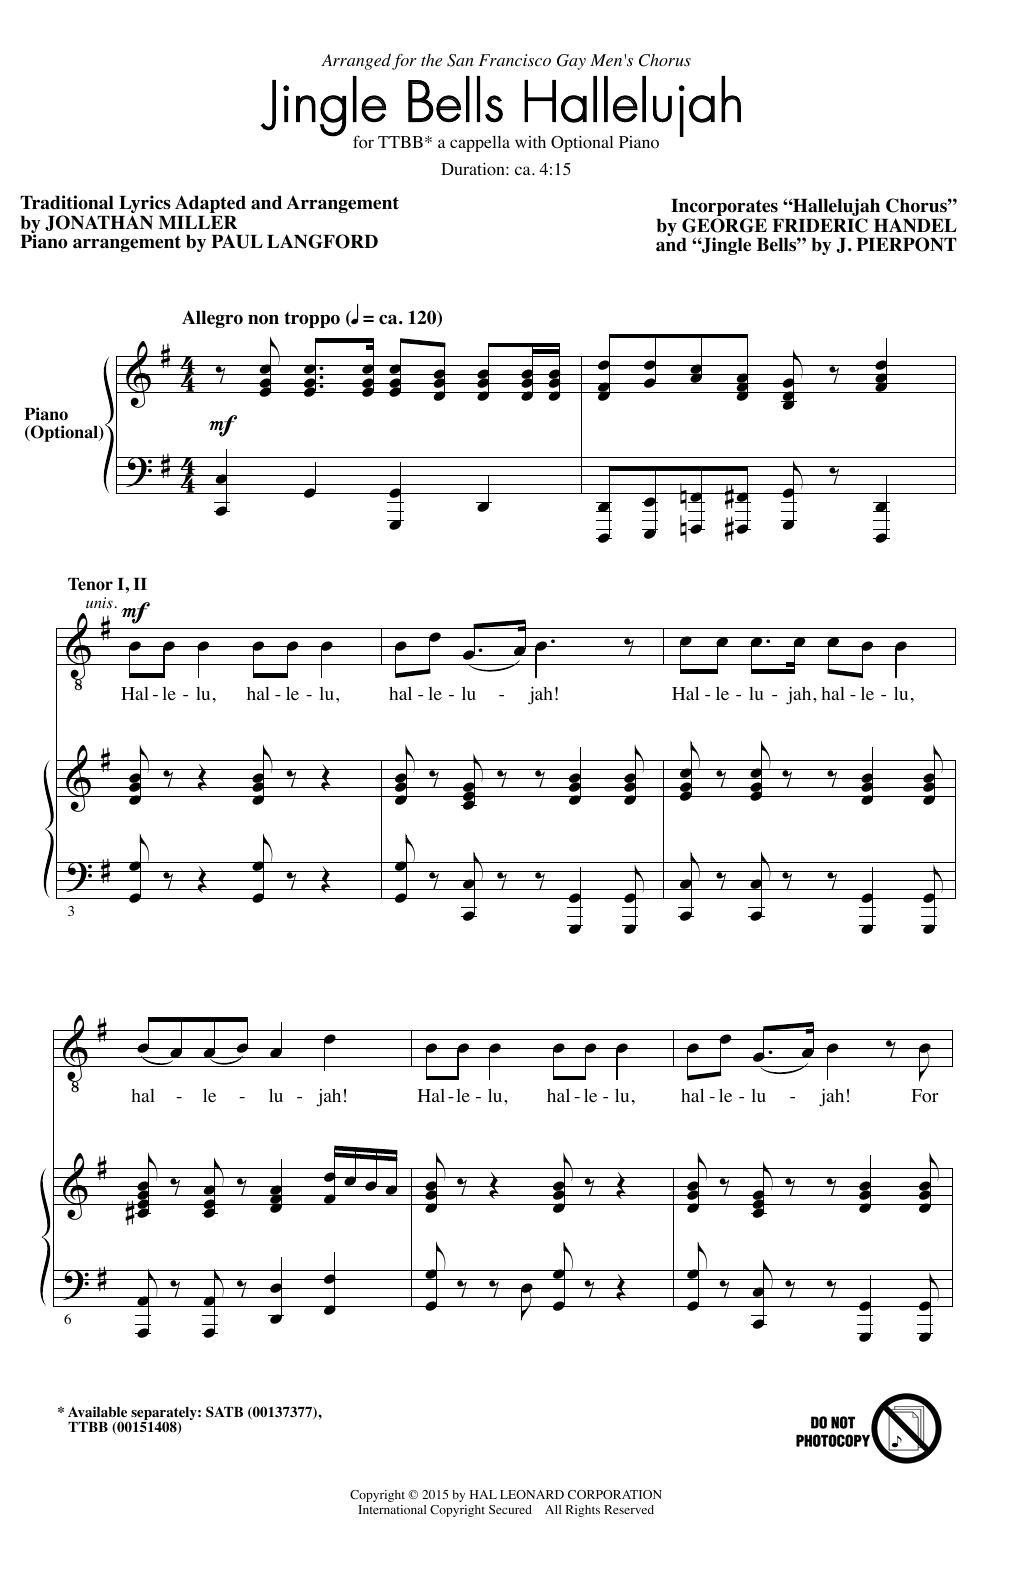 Jonathan Miller Hallelujah Chorus sheet music notes and chords. Download Printable PDF.